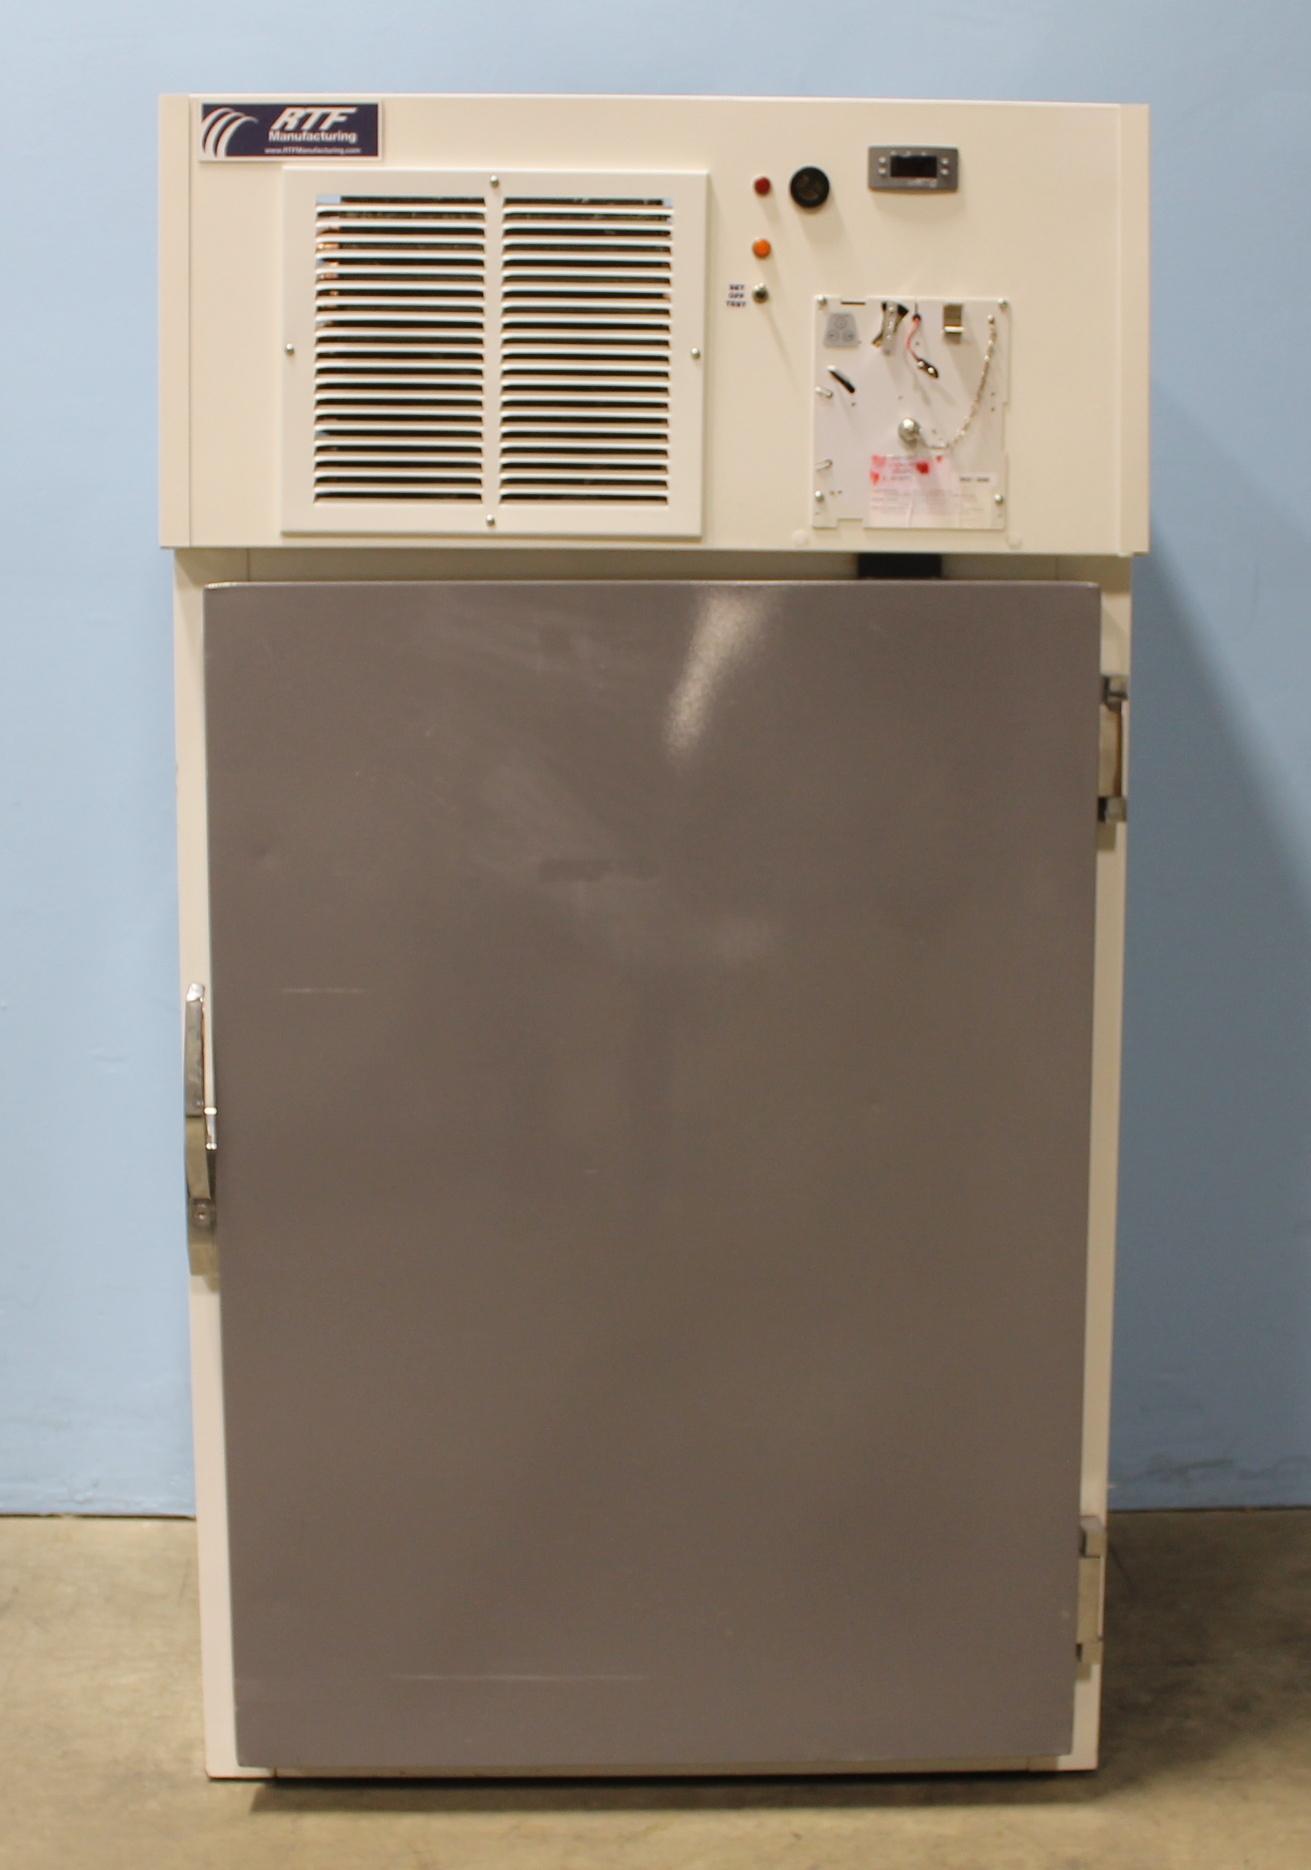 RTF Manufacturing -40C Blood Plasma Freezer Model HC-10-LT-T-BP Image